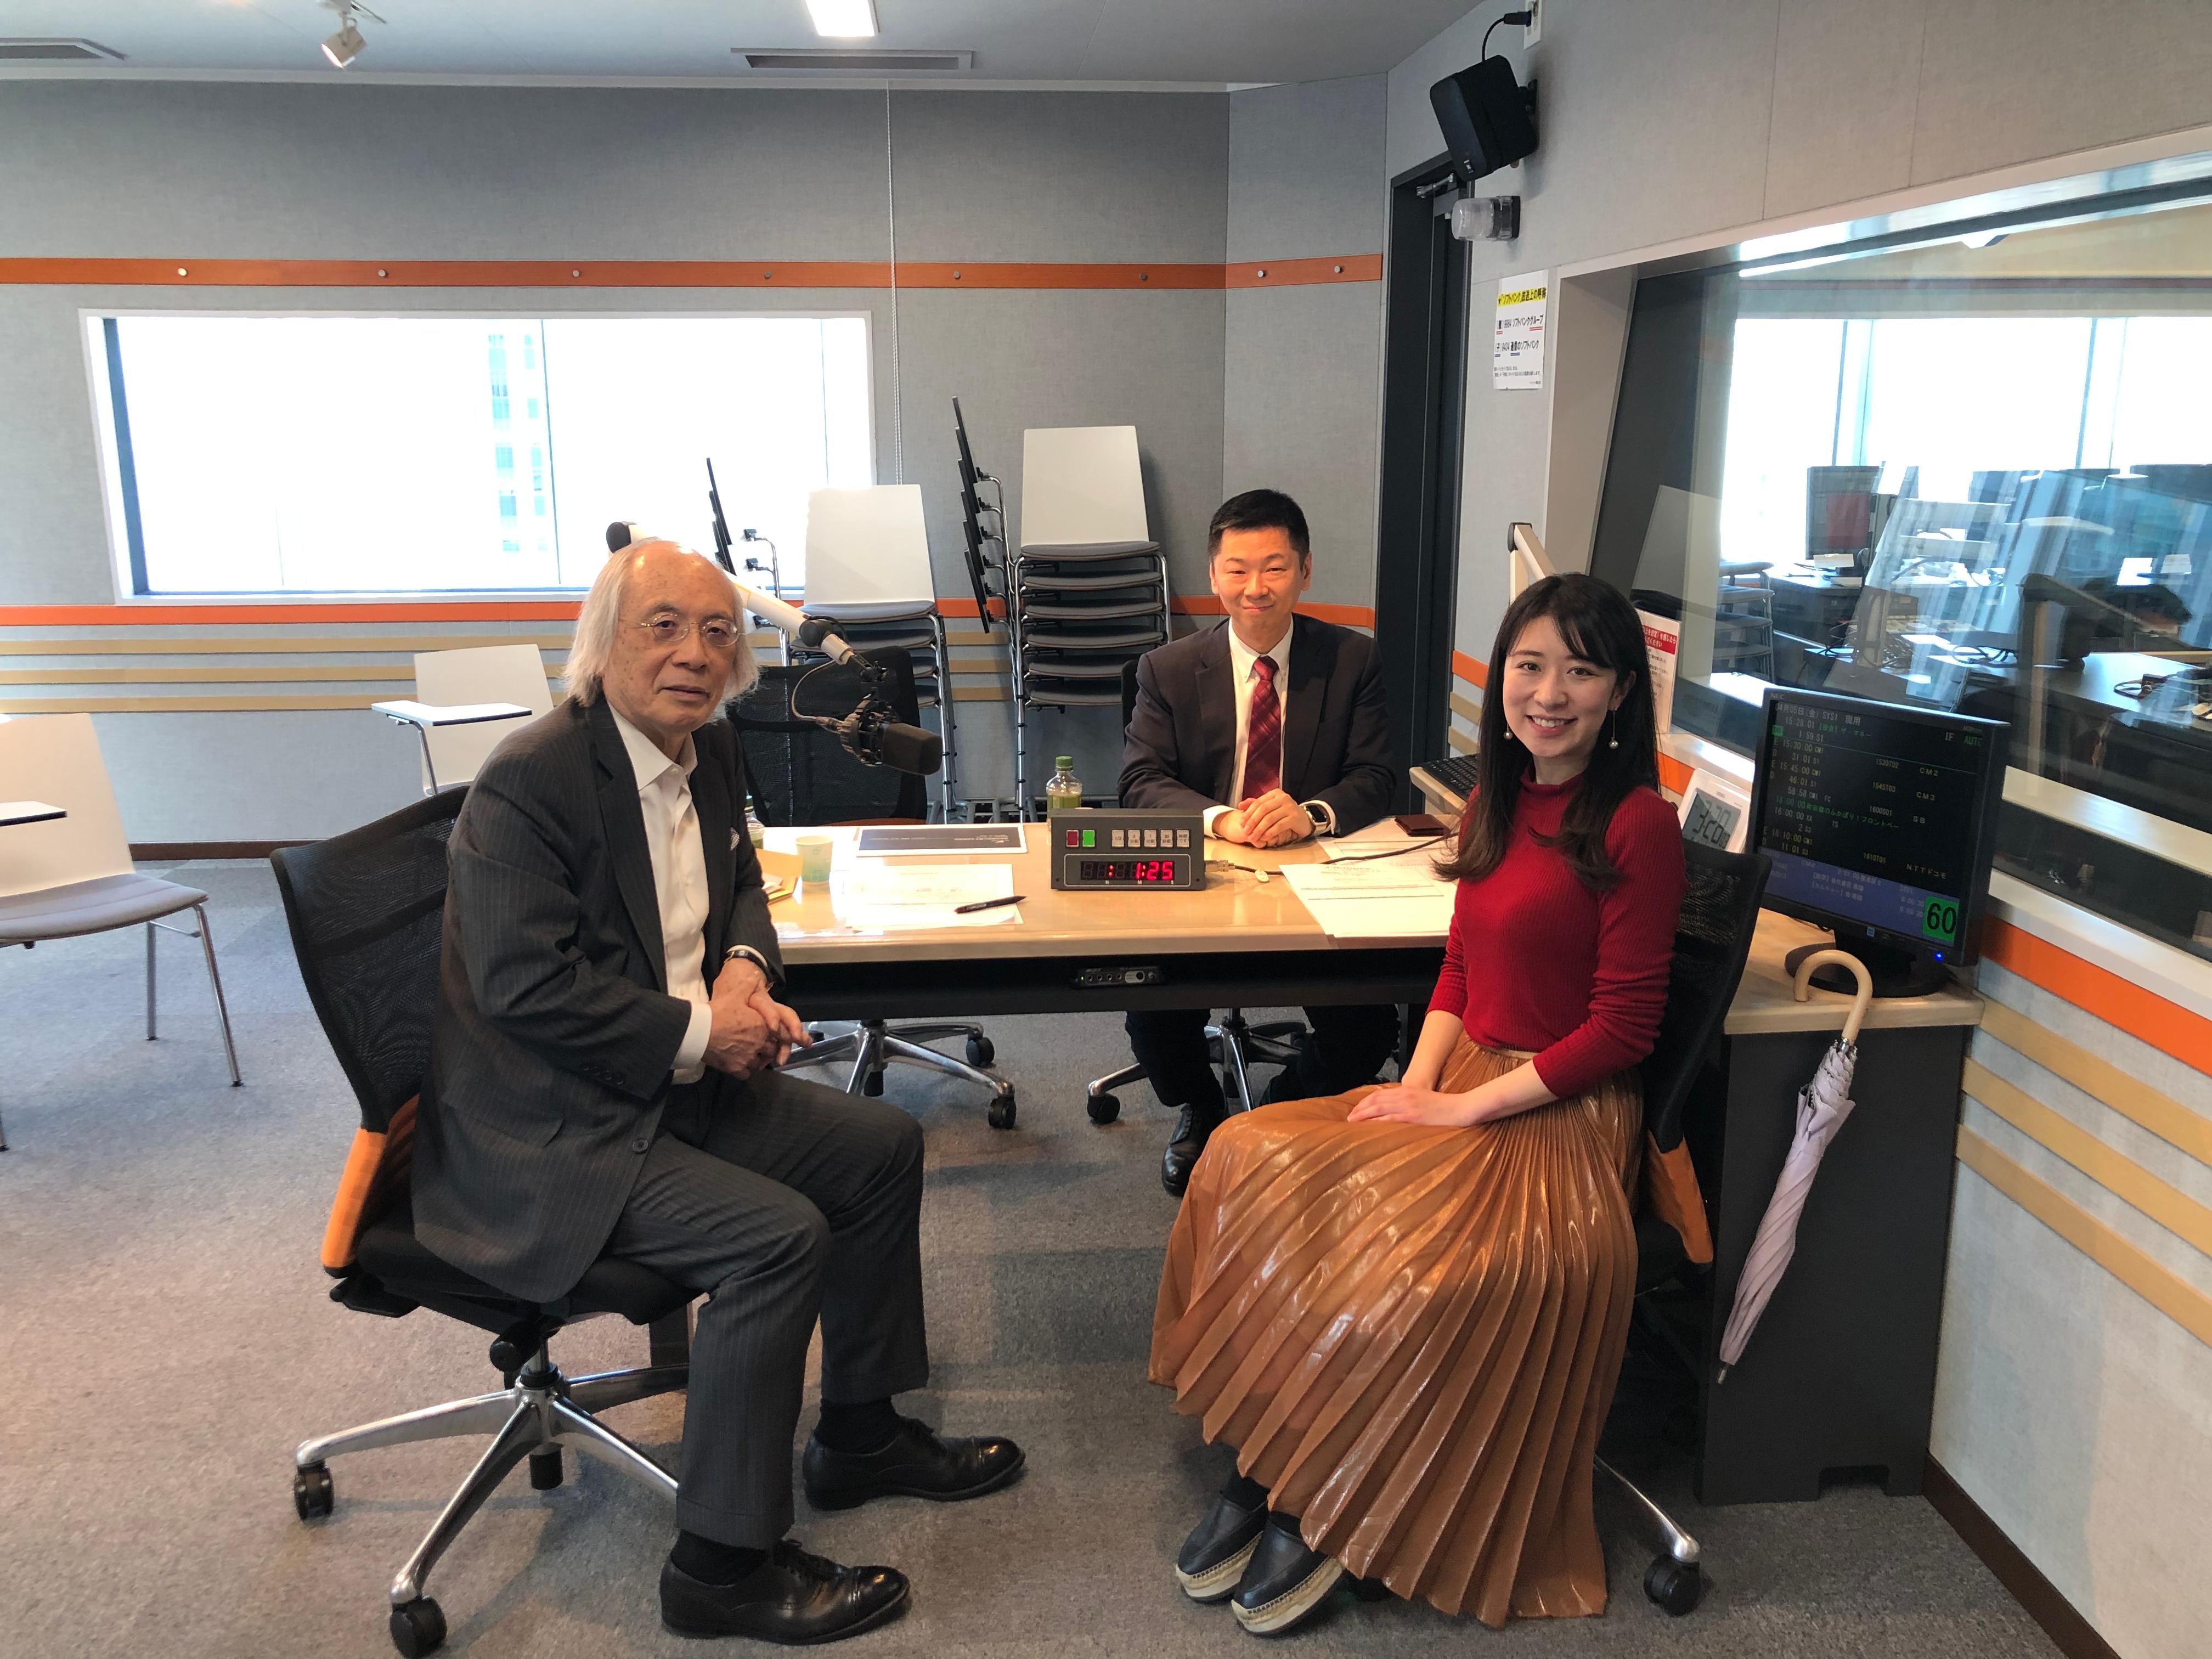 大石がラジオNIKKEI「菅下清廣の有望成長企業を探せ!」にゲスト出演いたします